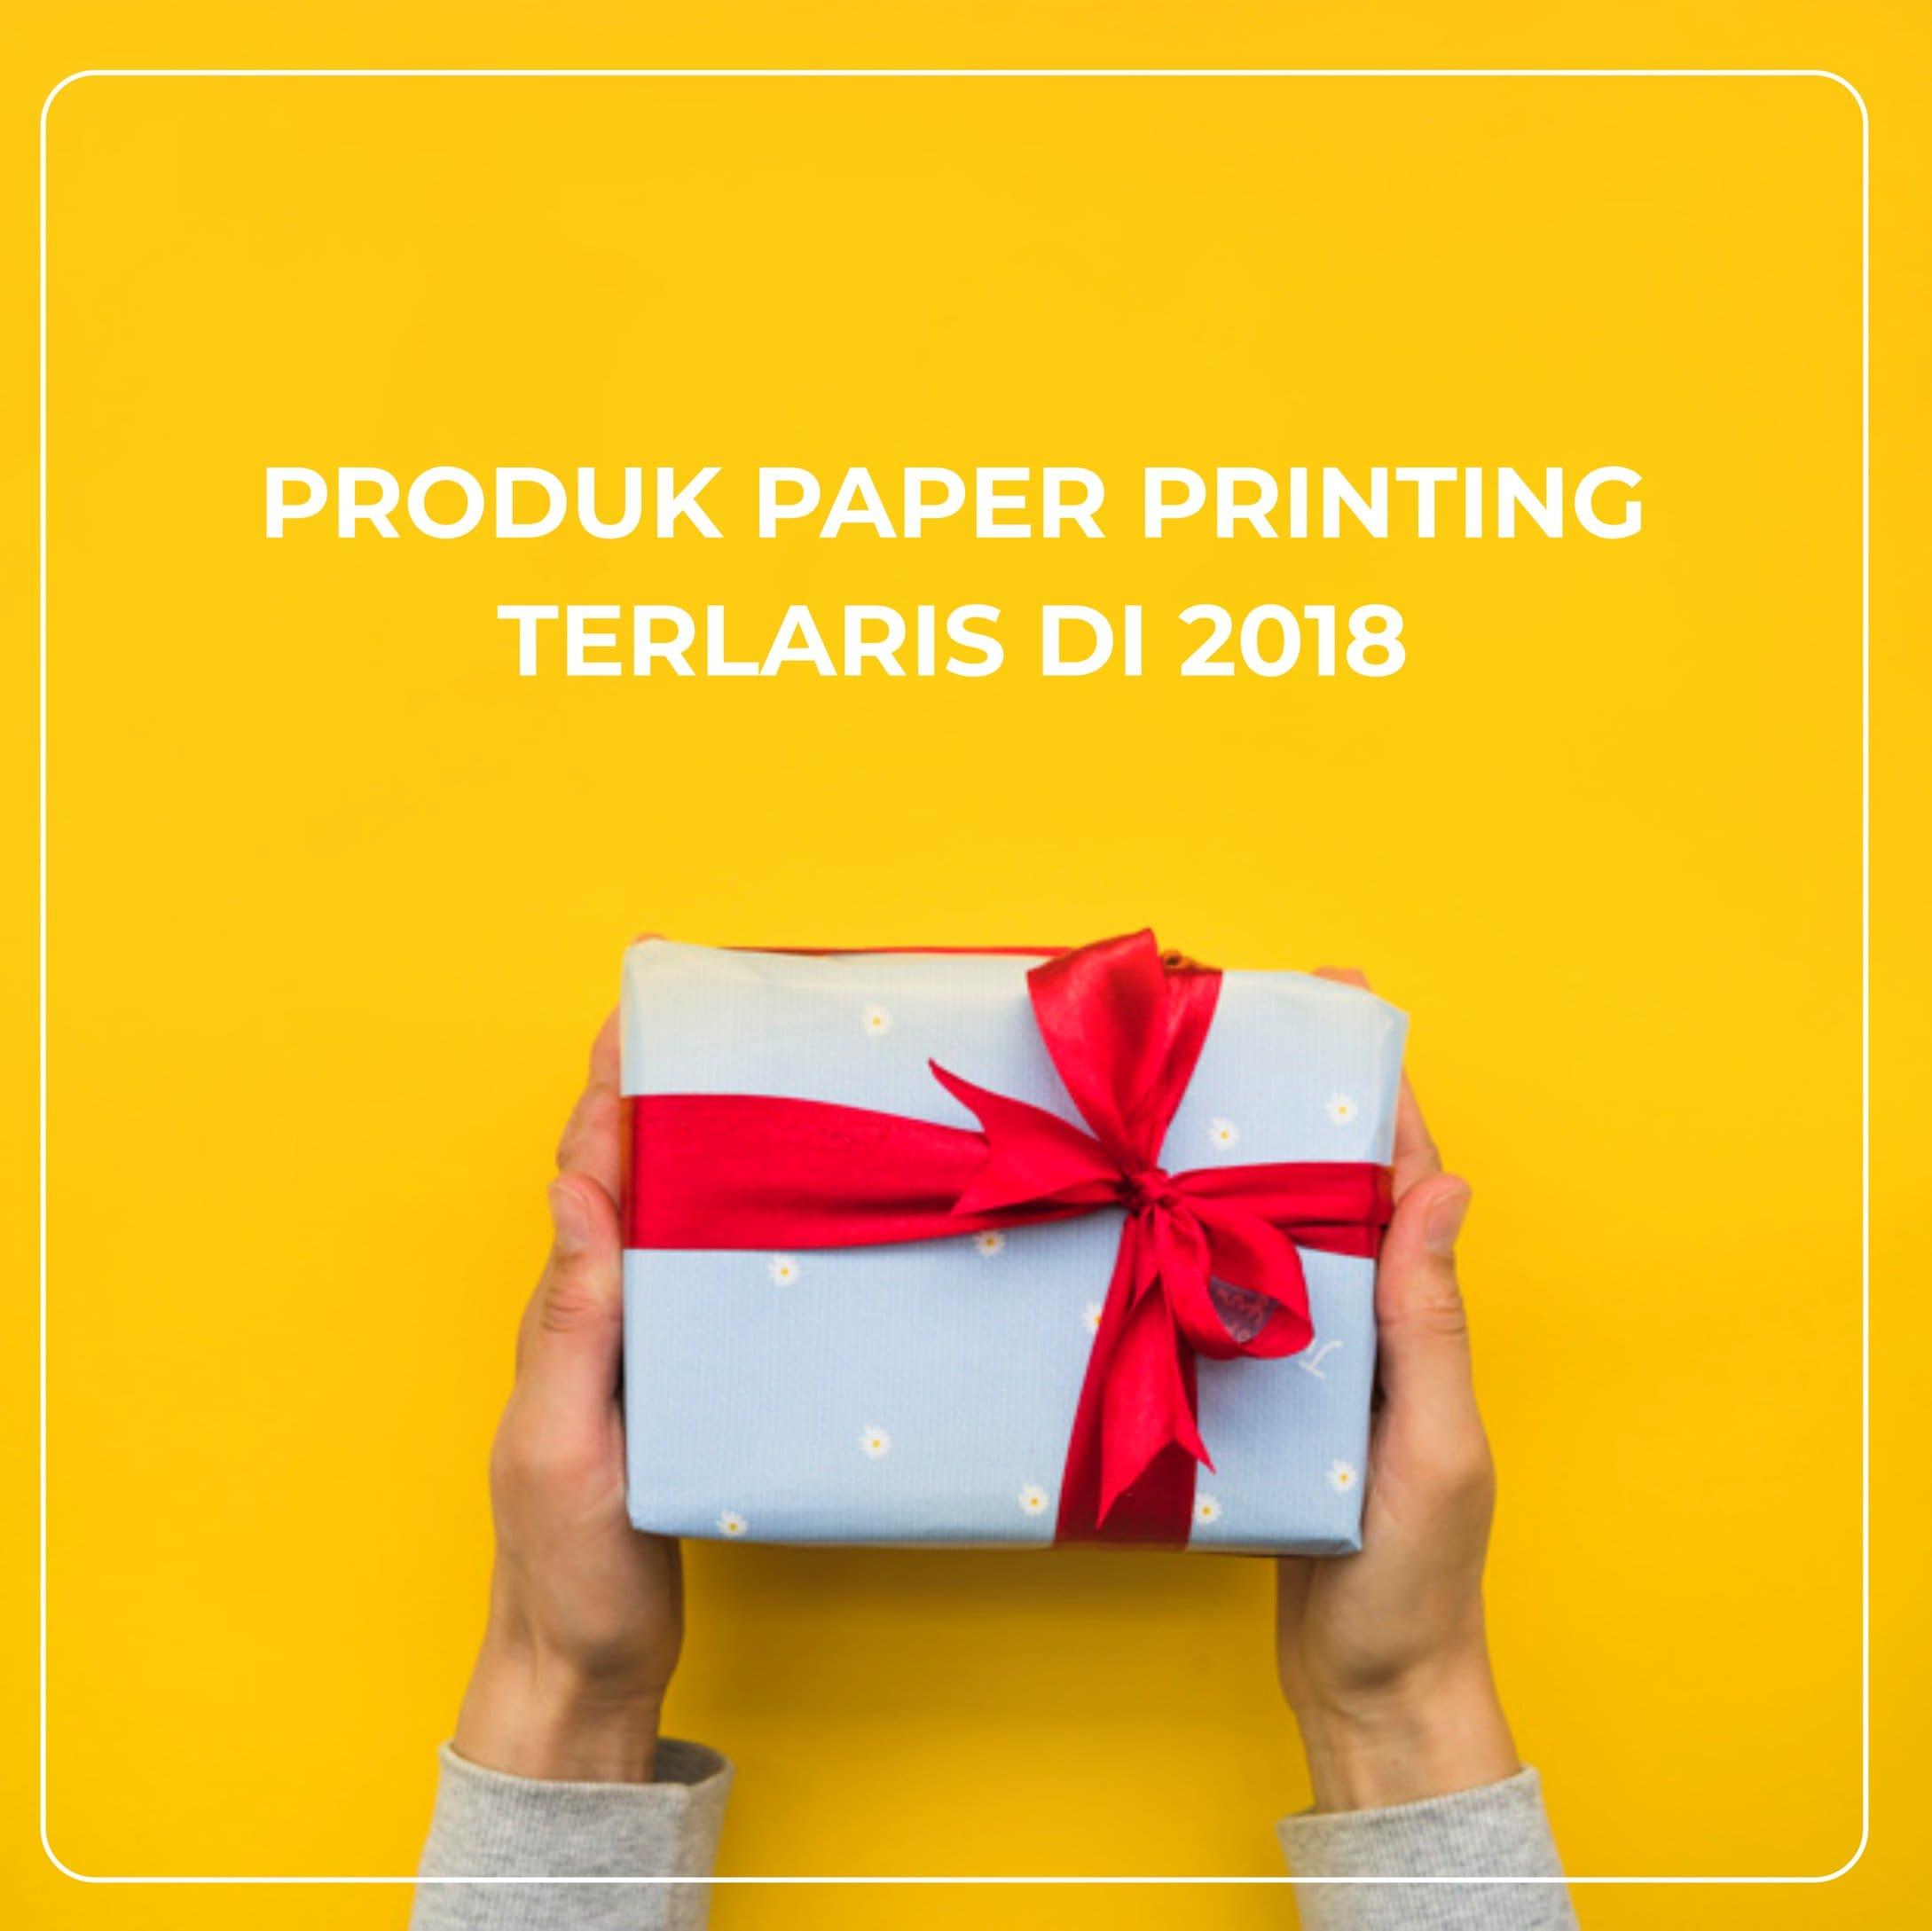 produk malika terlaris 2018